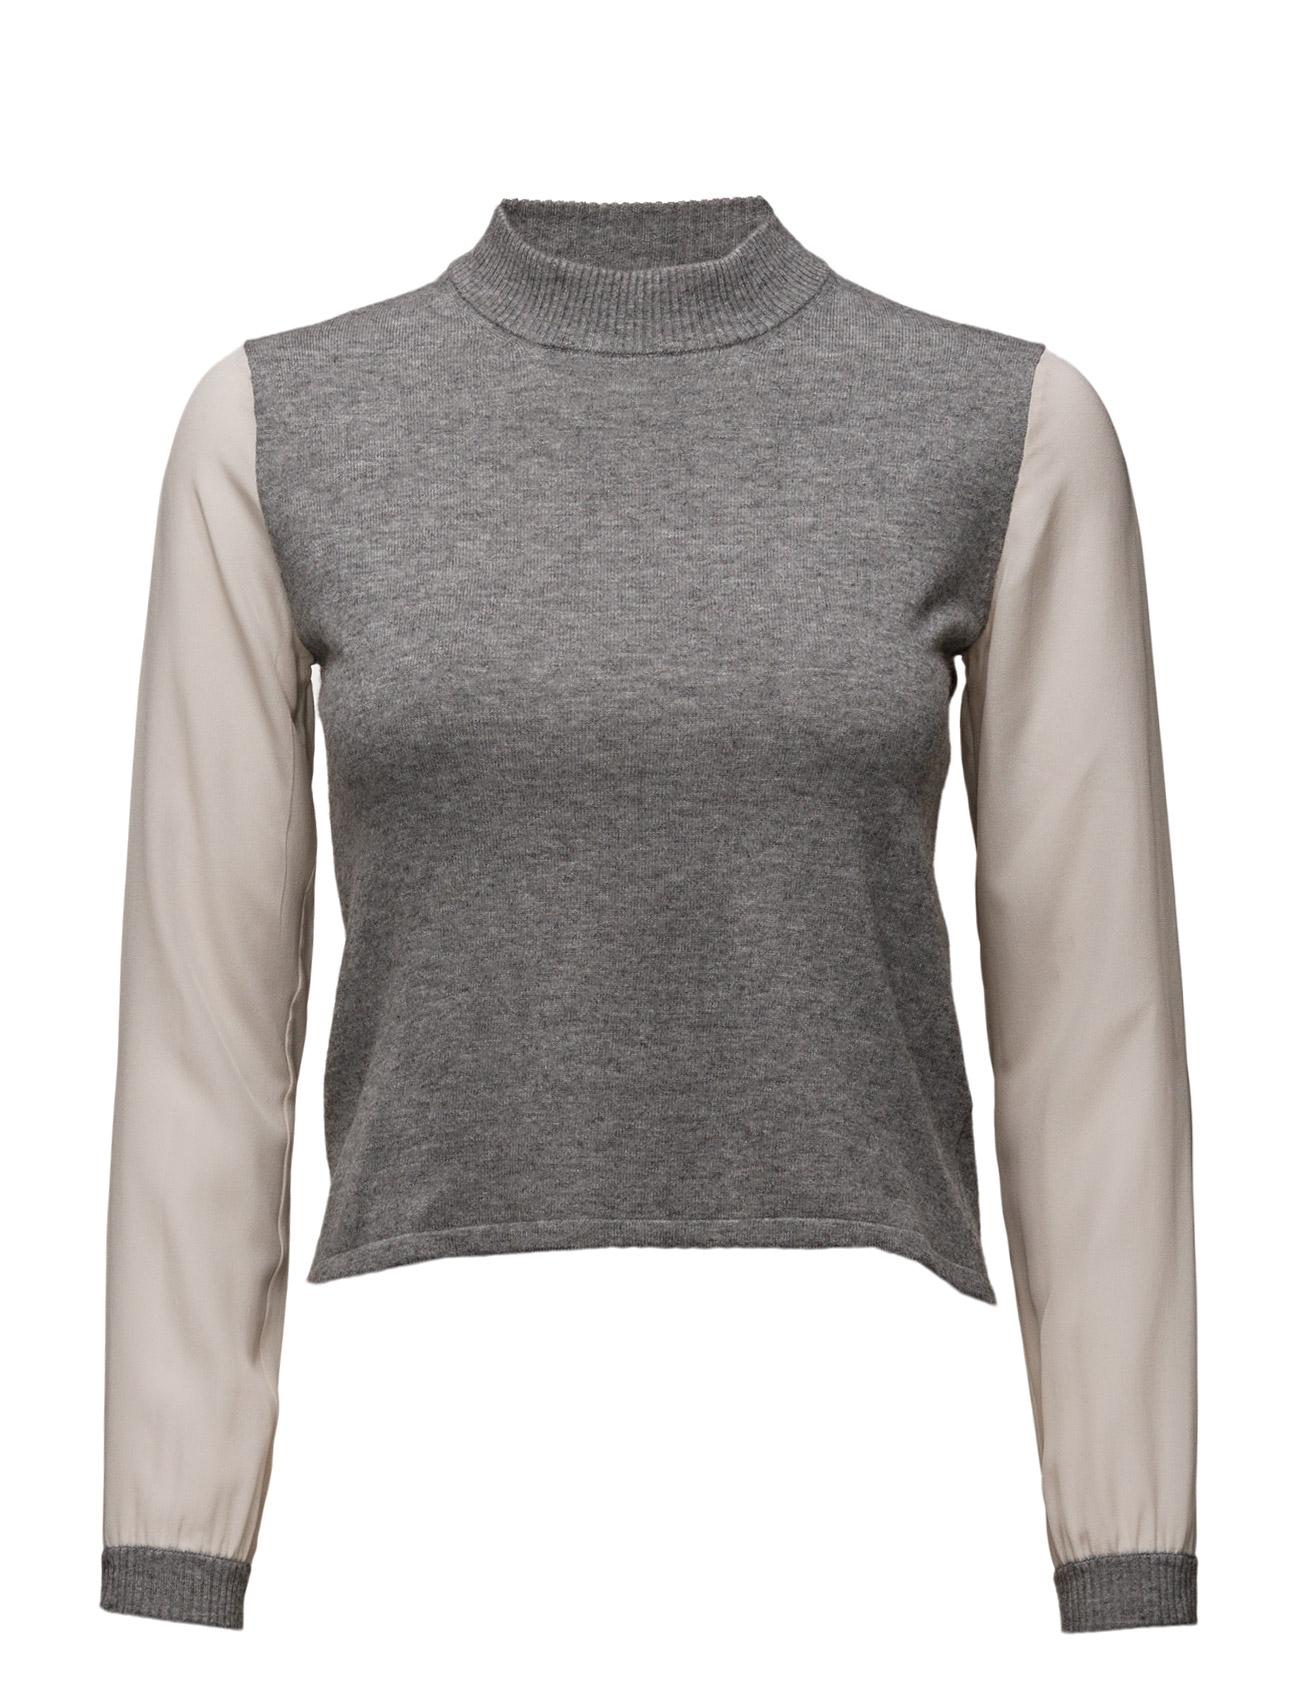 Dorico Max & Co. Sweatshirts til Damer i